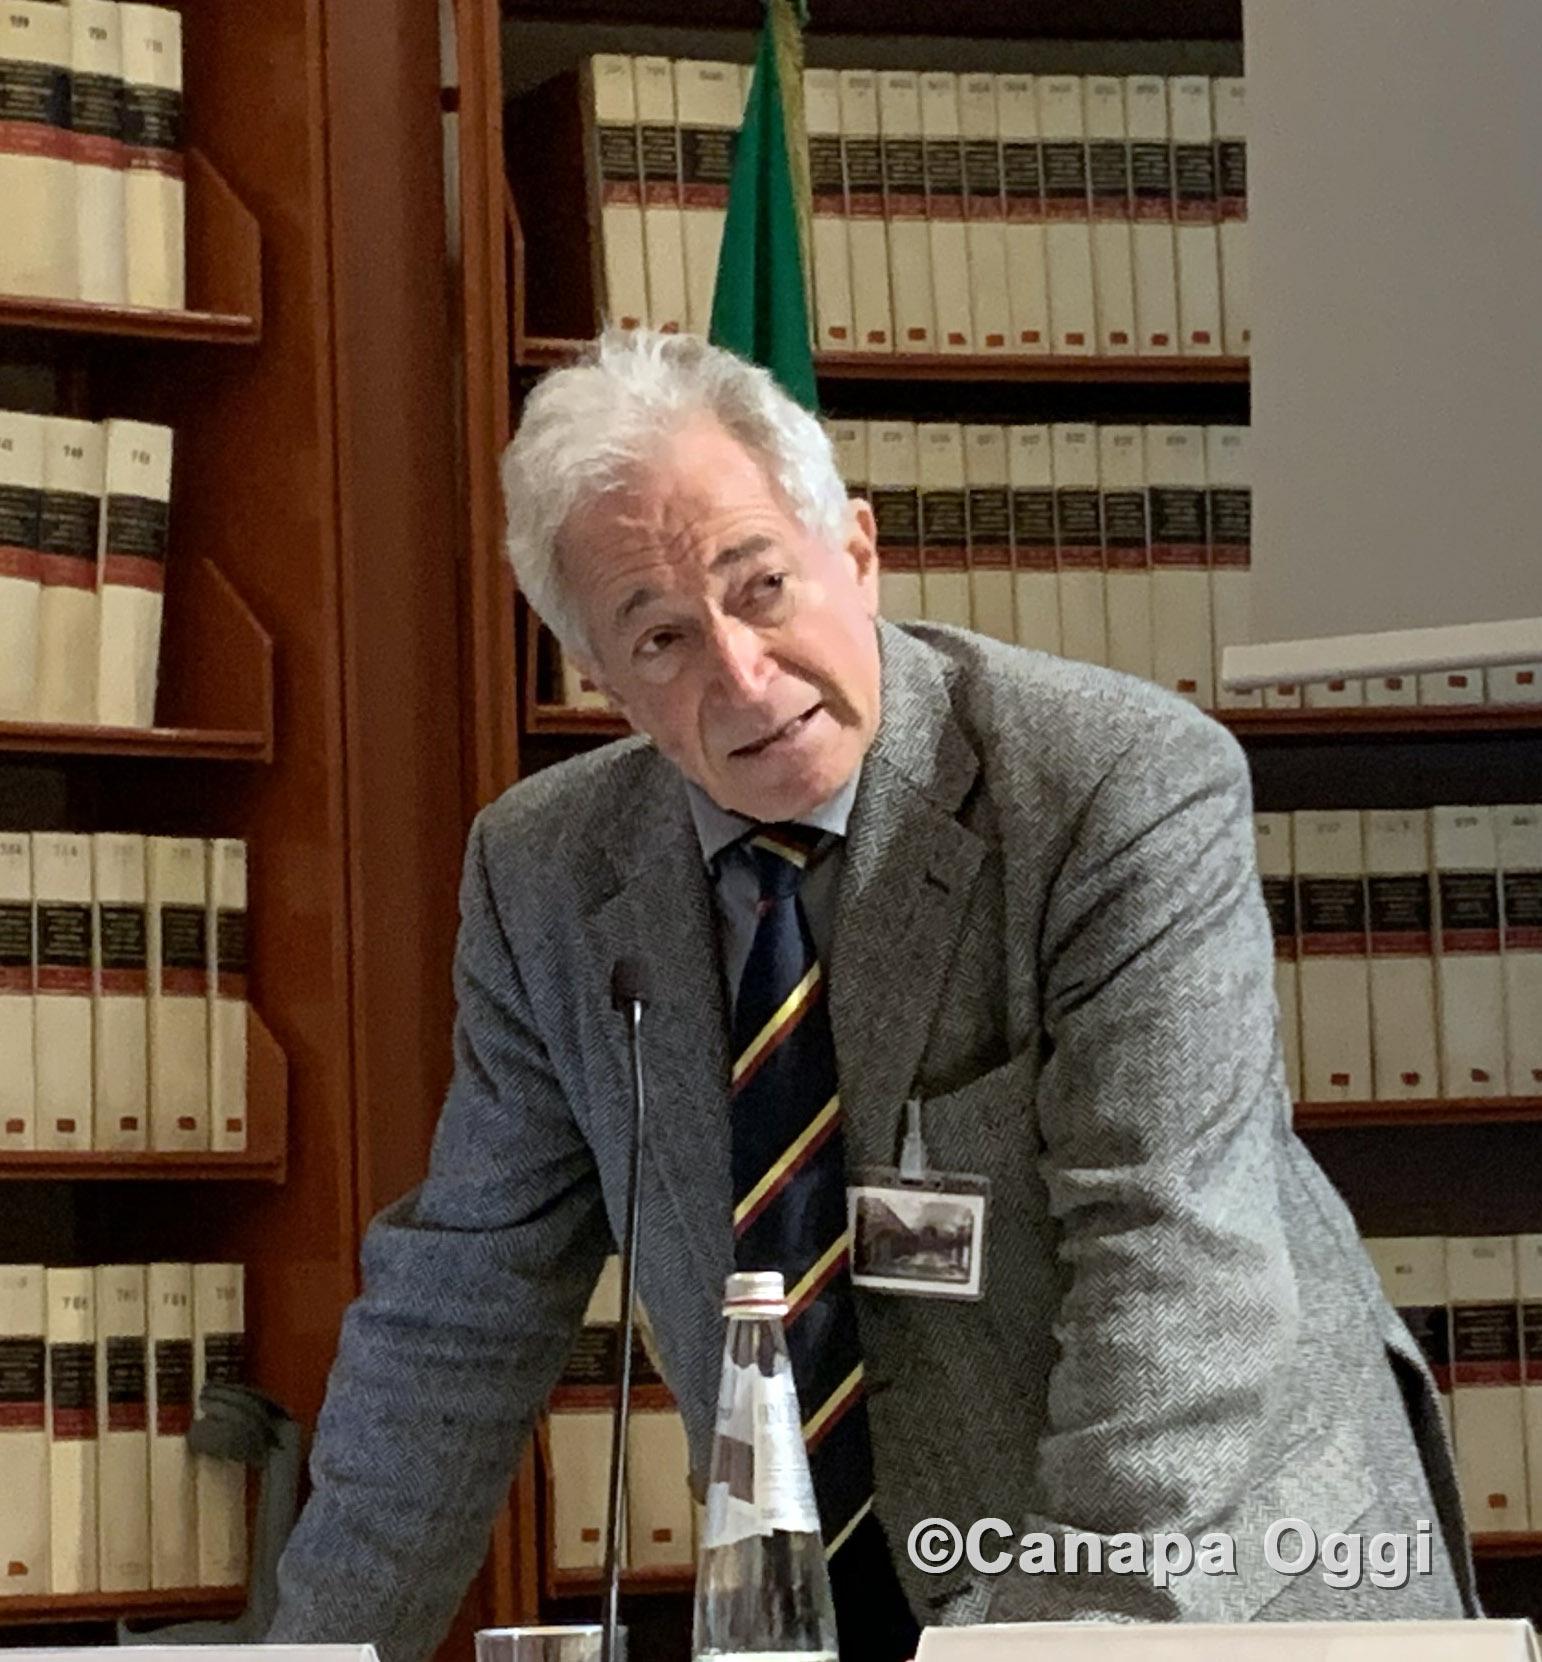 Beppe Croce - Federcanapa e la necessità di cambiare passo